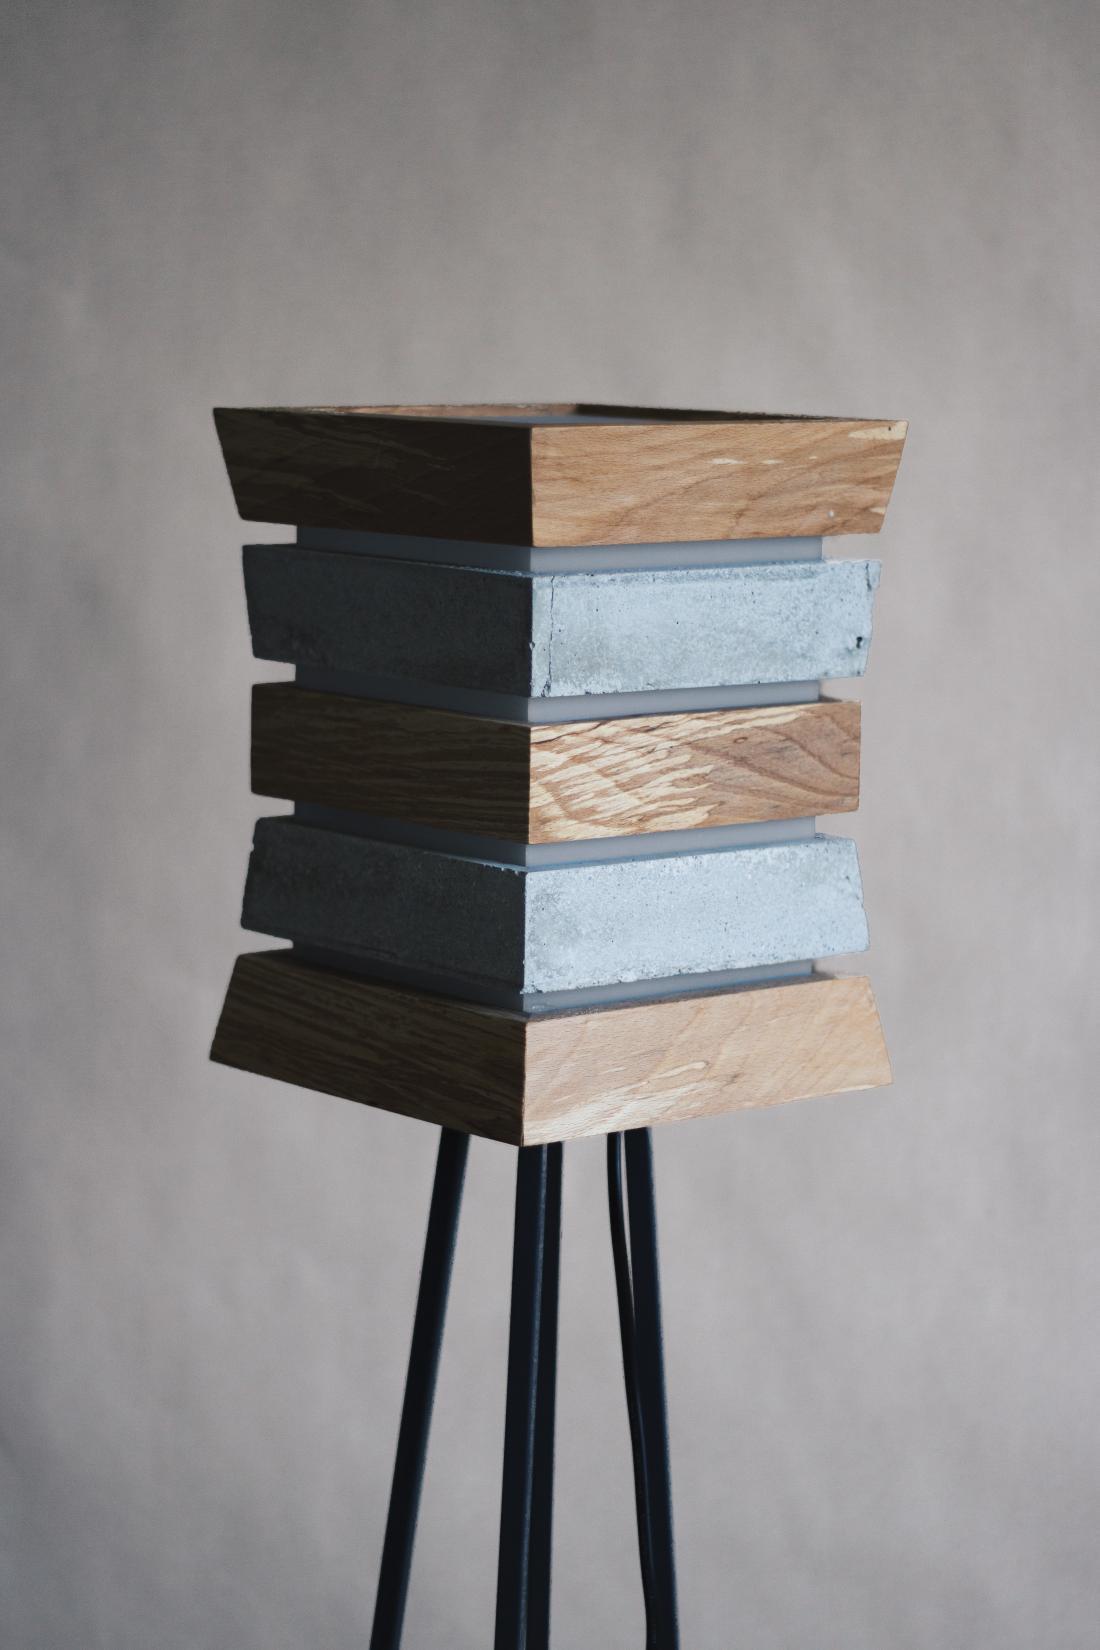 Kolekcijo svetil iz lesa in betona sta oblikovala Anja in Simon Štampar, ki ustvarjata pod imenom VariusDesign. FOTO: VariusDesign